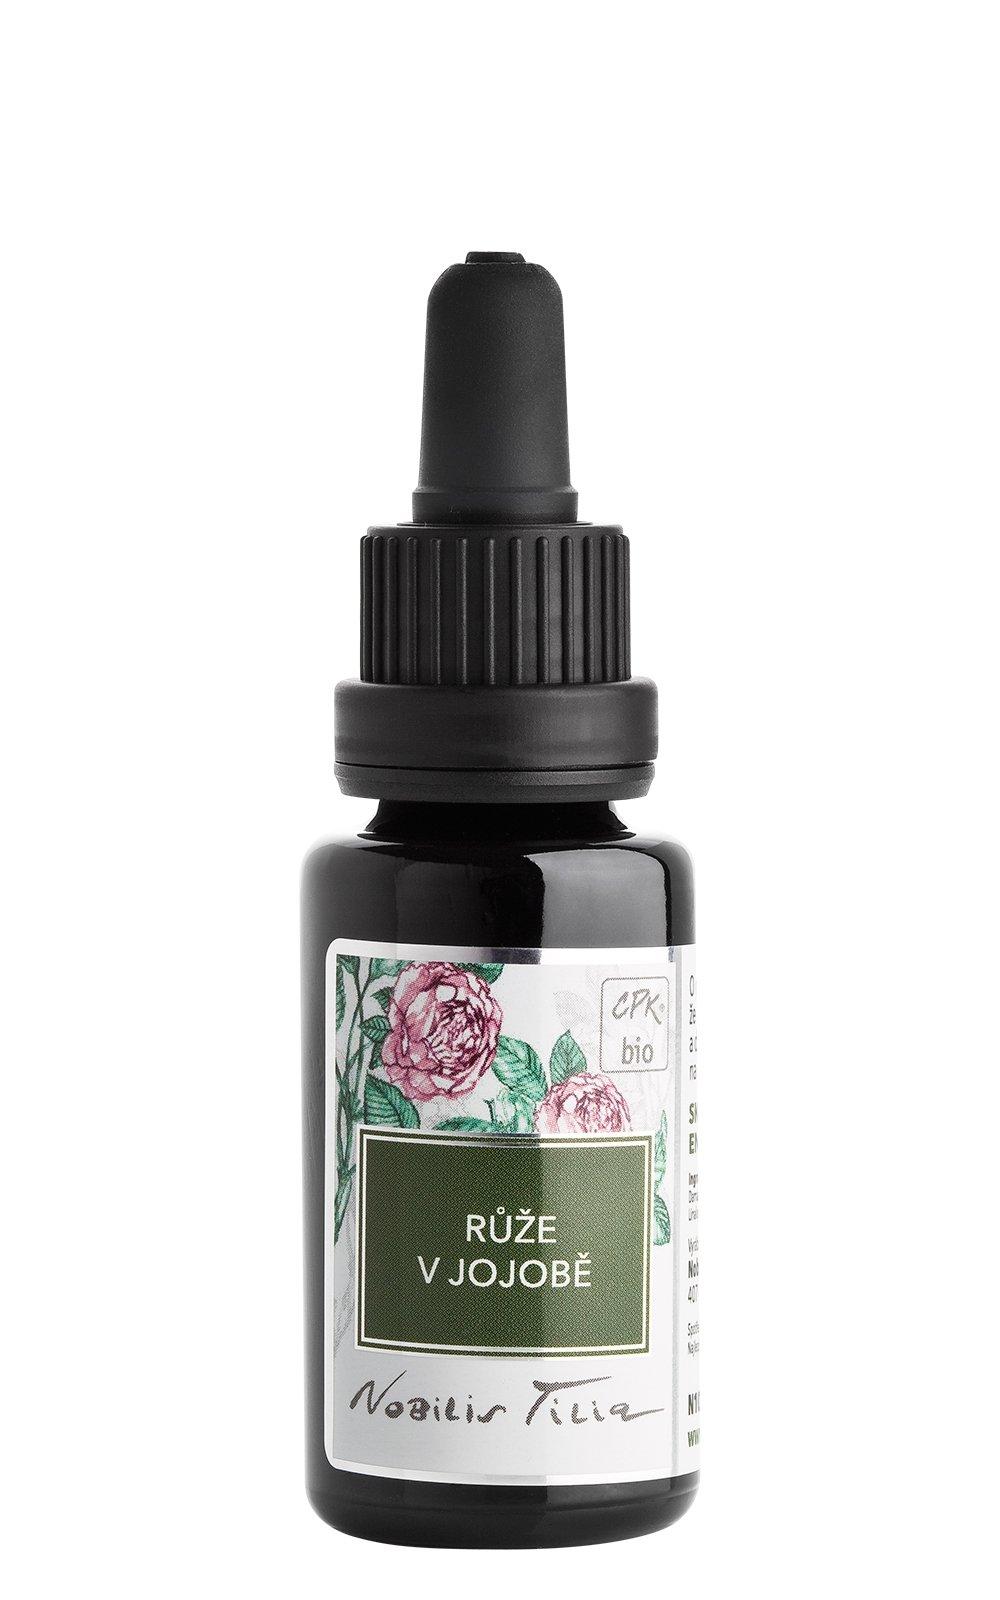 Růže v jojobovém oleji